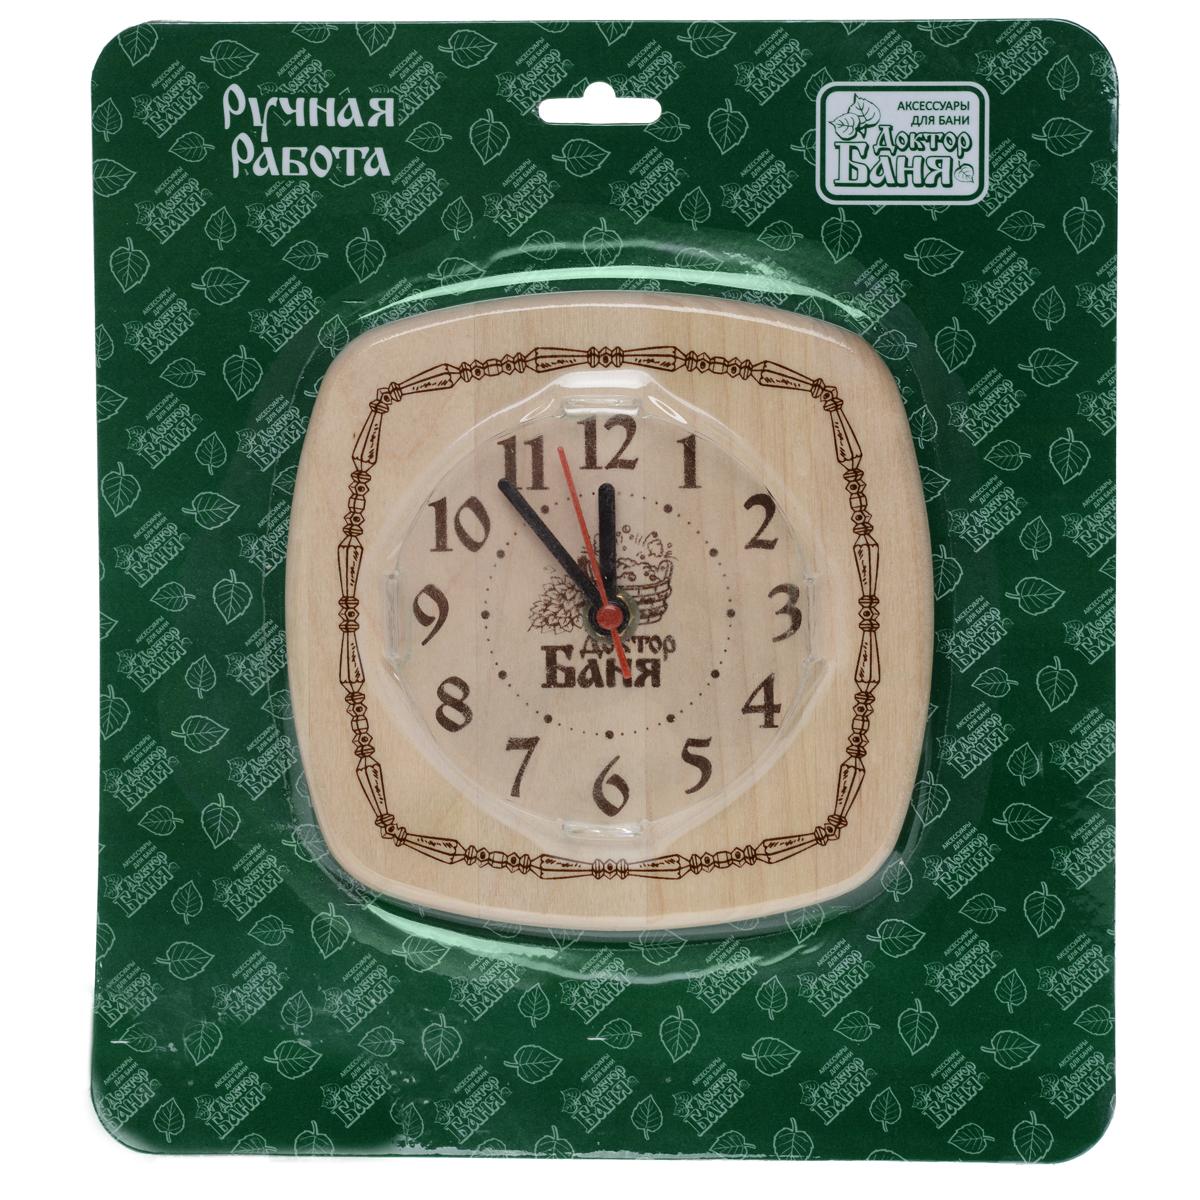 Часы настенные Доктор баня для бани и сауны. 905241905241Настенные кварцевые часы Доктор баня, выполненные из дерева, своим дизайном подчеркнут оригинальность интерьера вашей бани или сауны. Панель часов декорирована оригинальным узором. Часы имеют три стрелки - часовую, минутную и секундную. Такие часы послужат отличным подарком для ценителя стильных и оригинальных вещей. Часы упакованы в подарочную коробку из дерева.